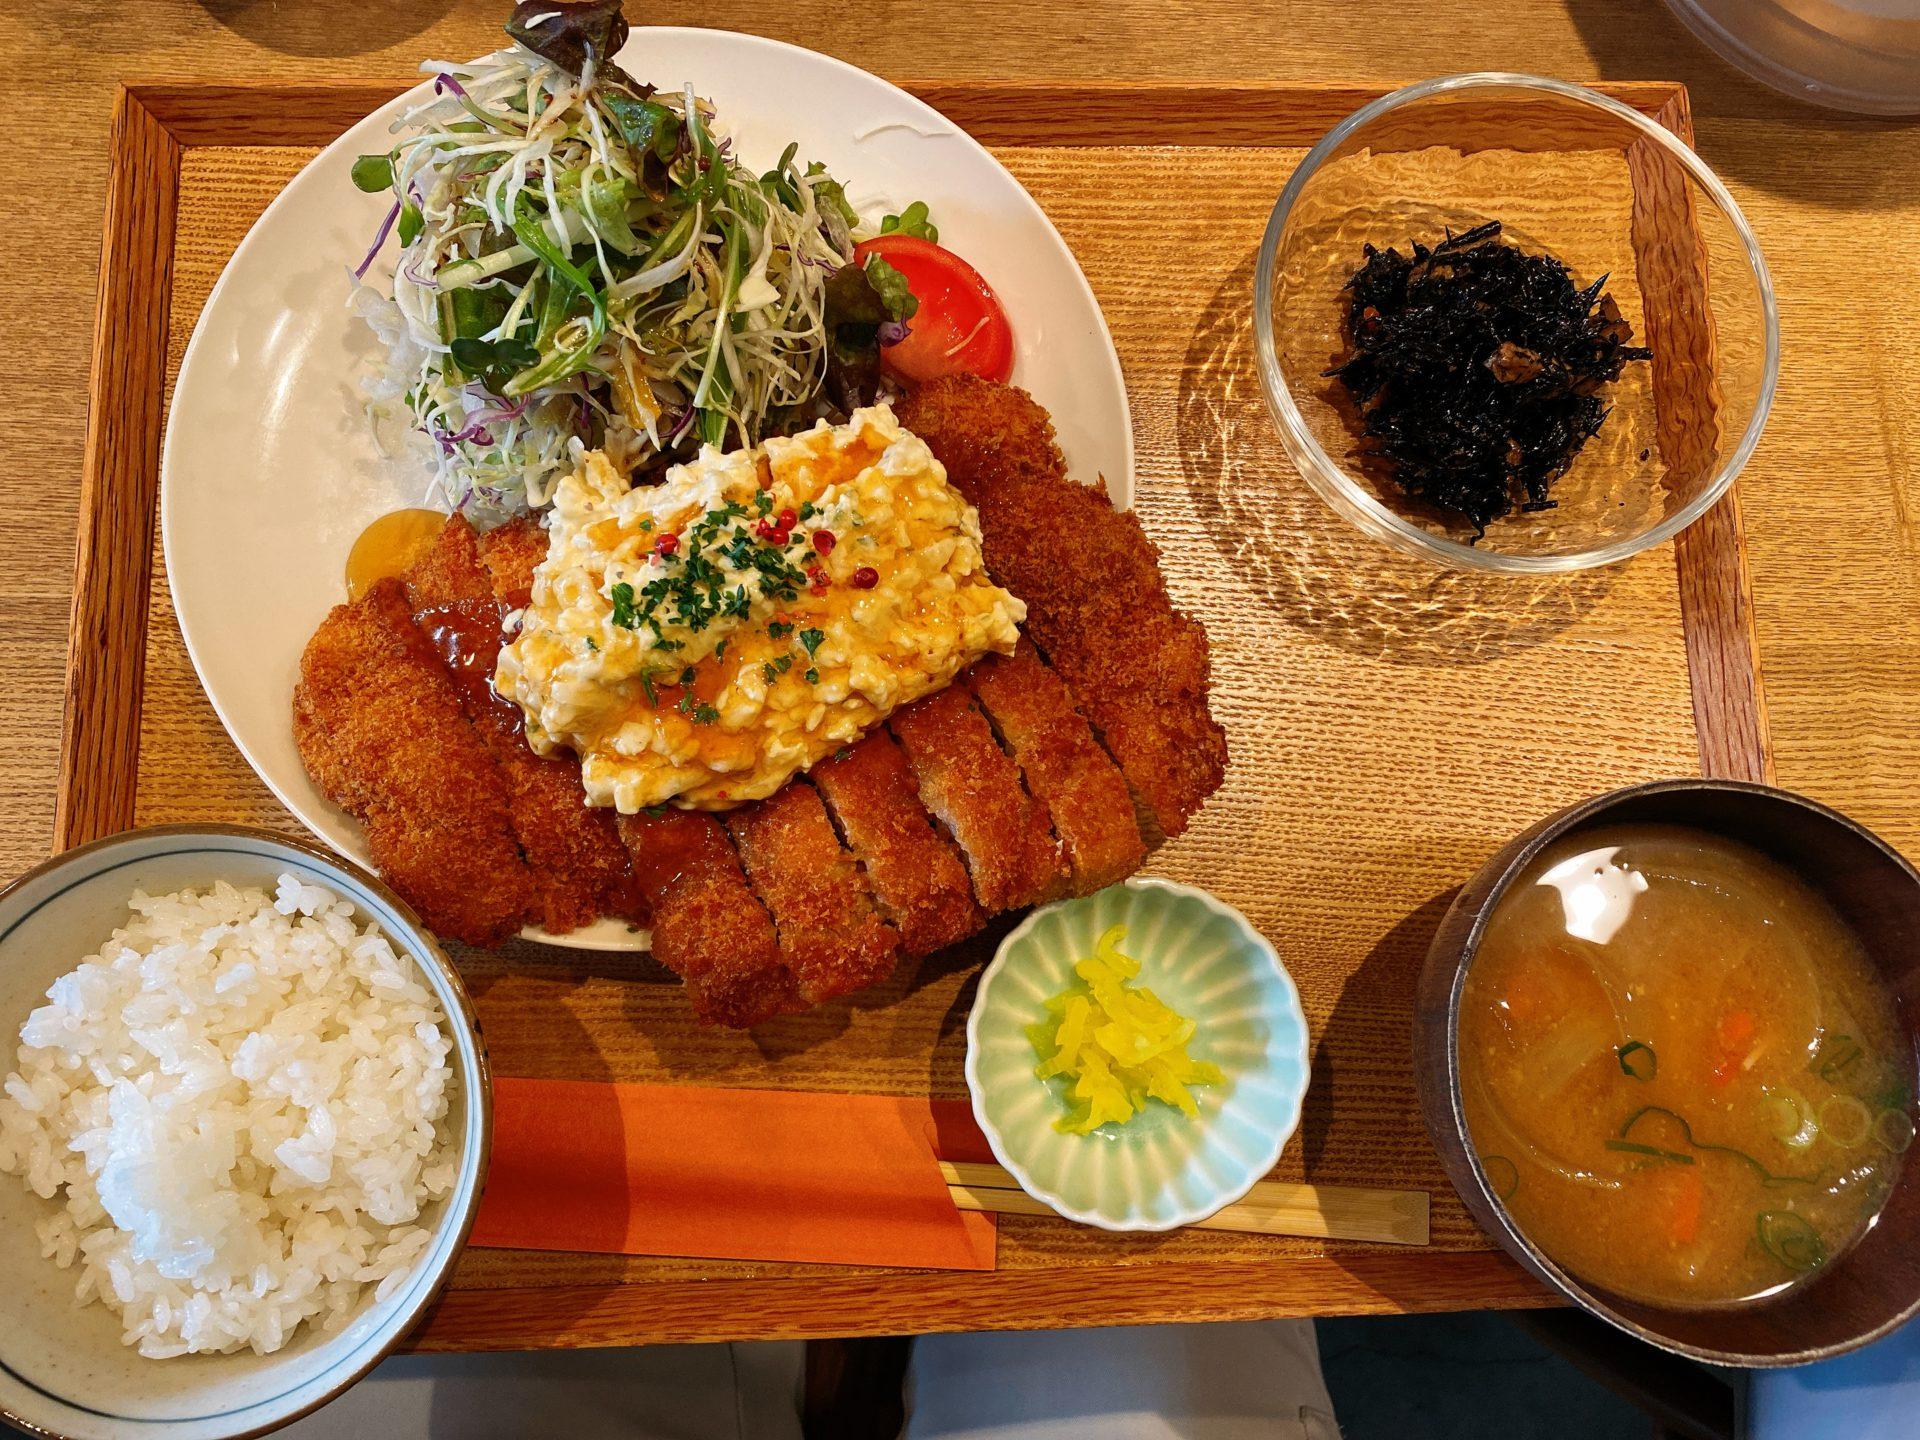 岡山市北区 県庁すぐ近く キッチンほりぐちのランチはデカ盛りで激ウマ!皿からはみ出るチキン南蛮や、そびえ立つ唐揚げに歓喜!